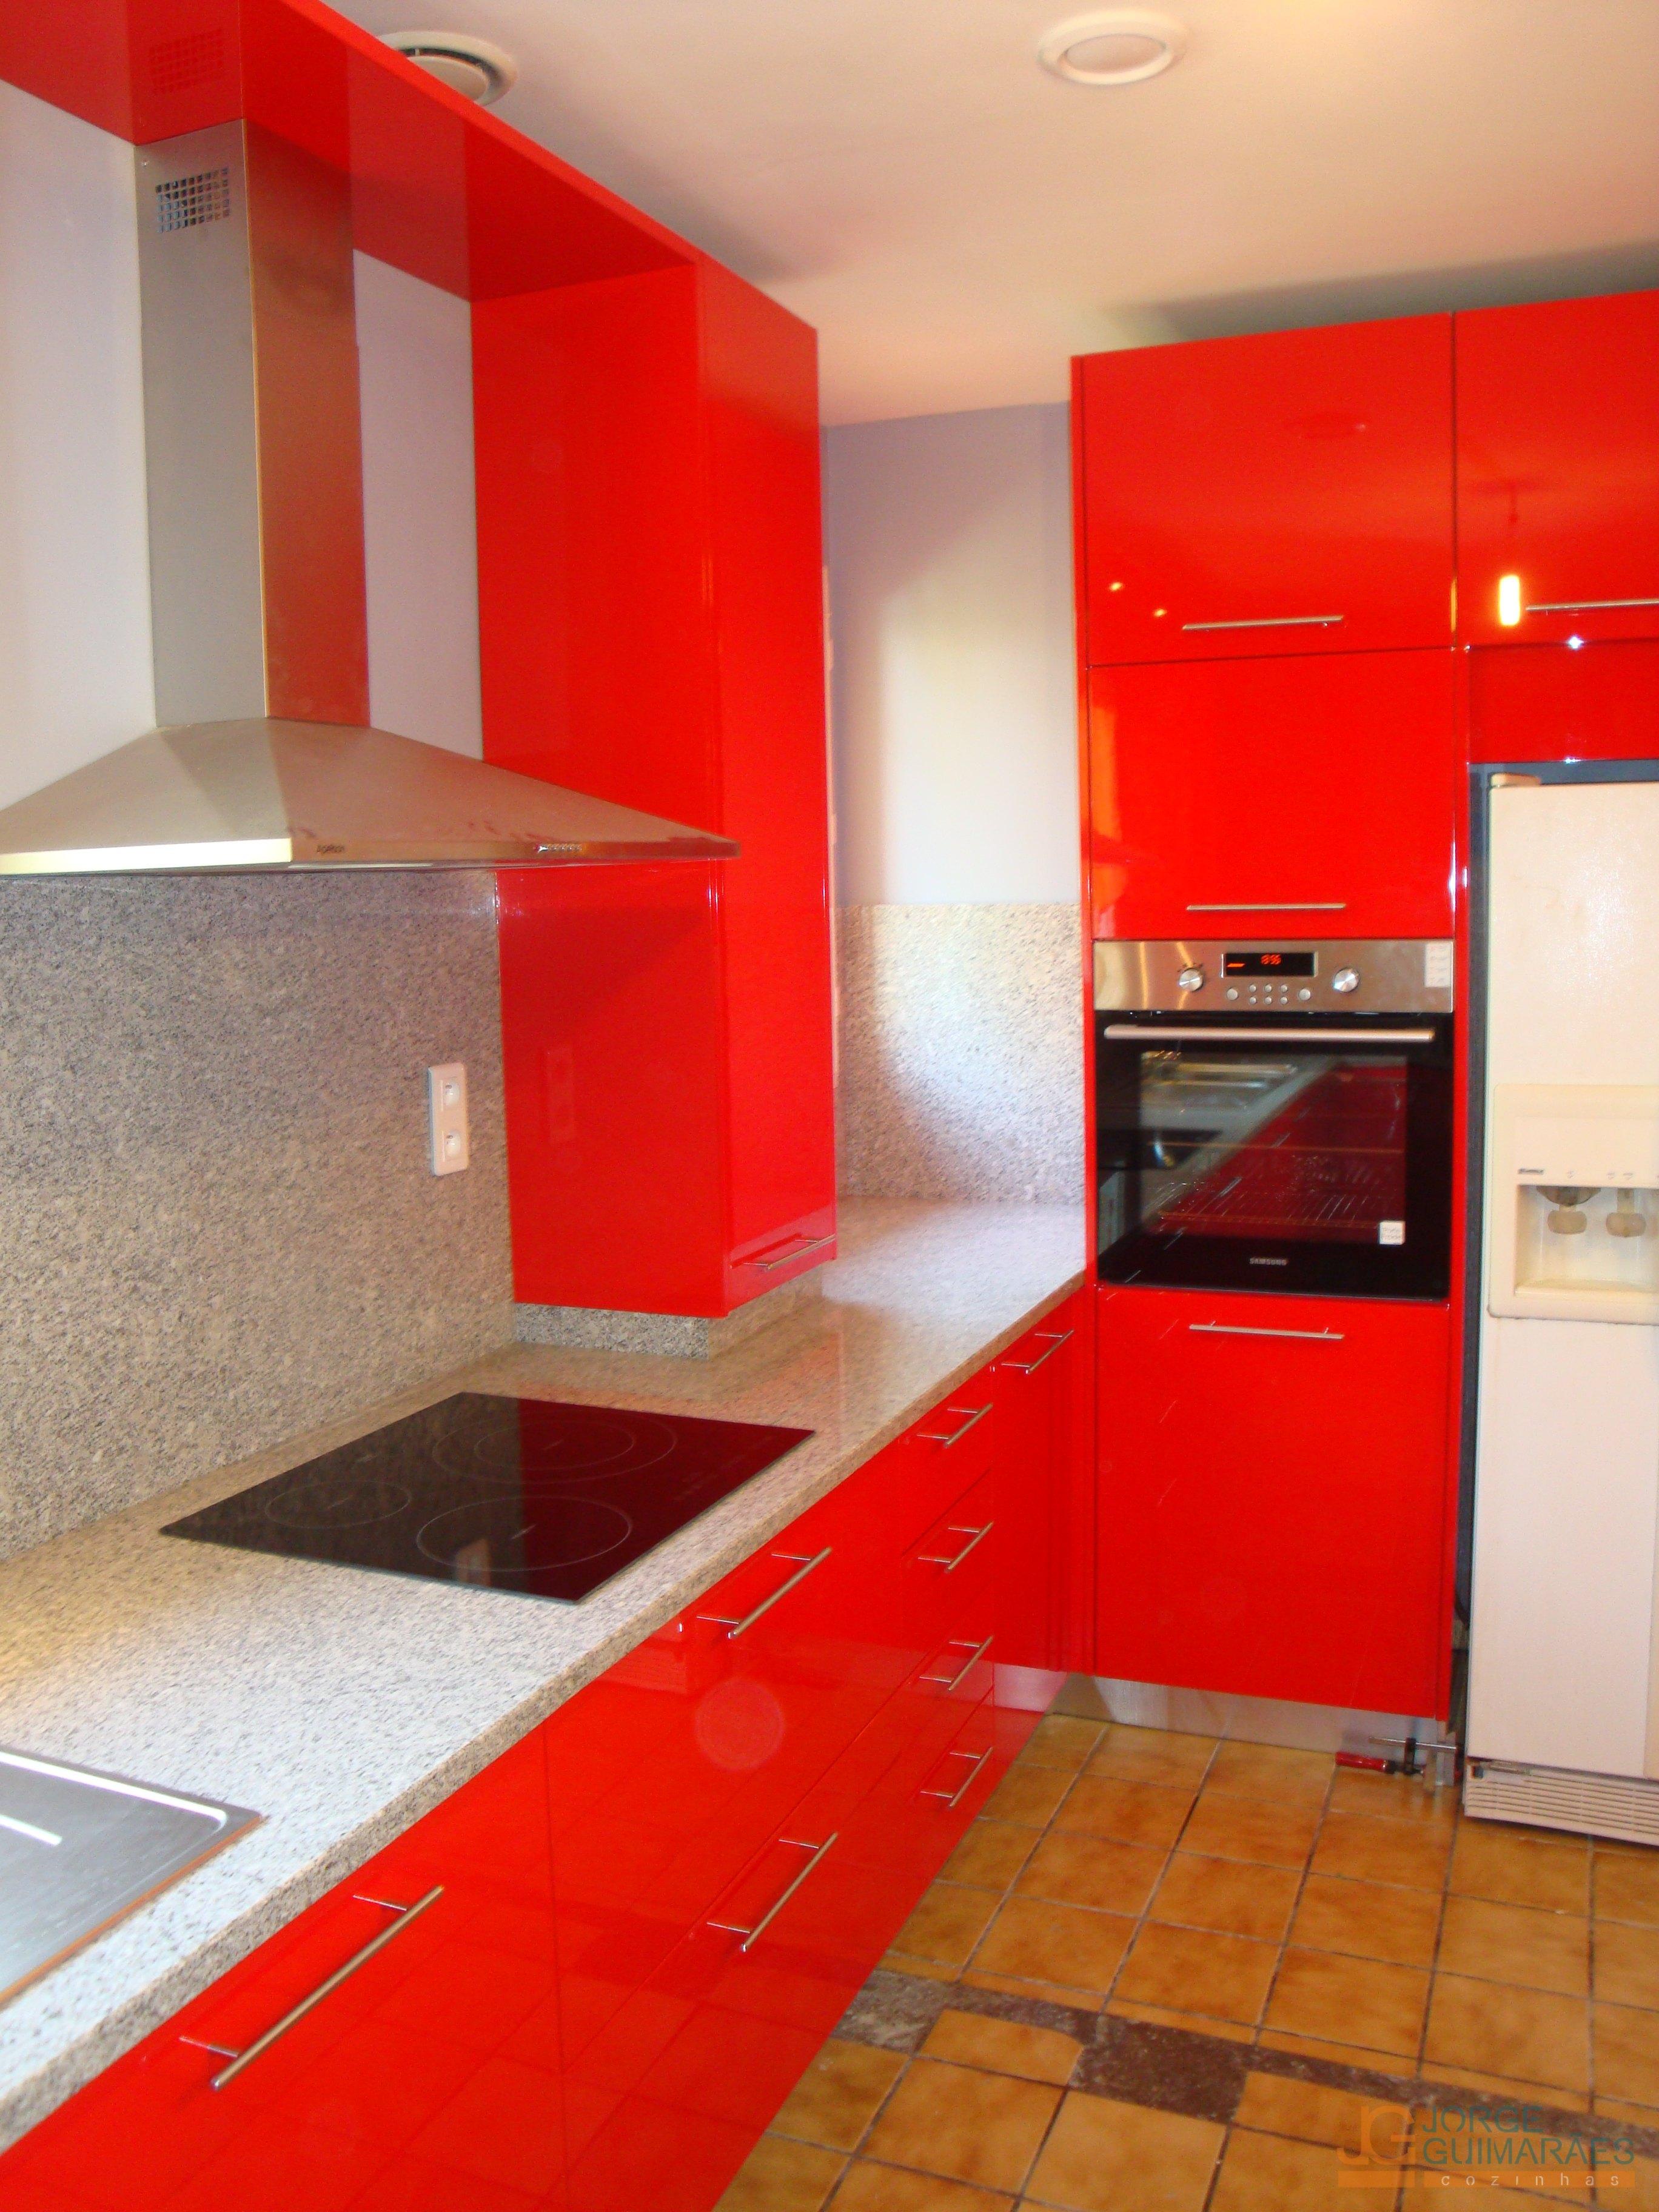 Artigos Jorge Guimar Es Cozinhas Fabricante De Cozinhas